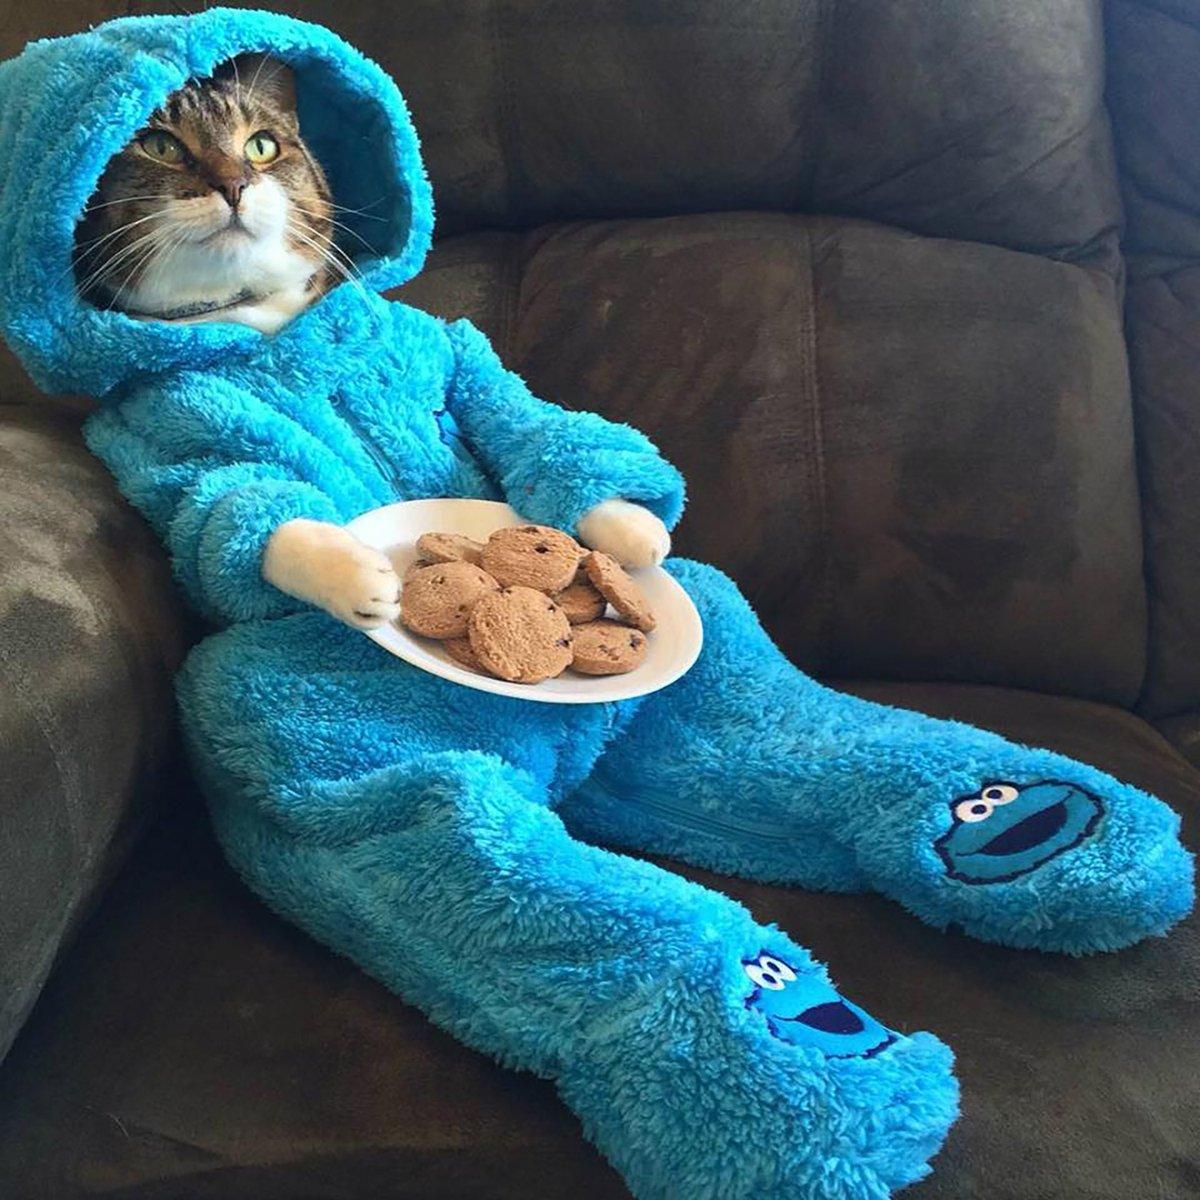 Departamento de Estado envió foto de gatito en vez de correspondencia oficial